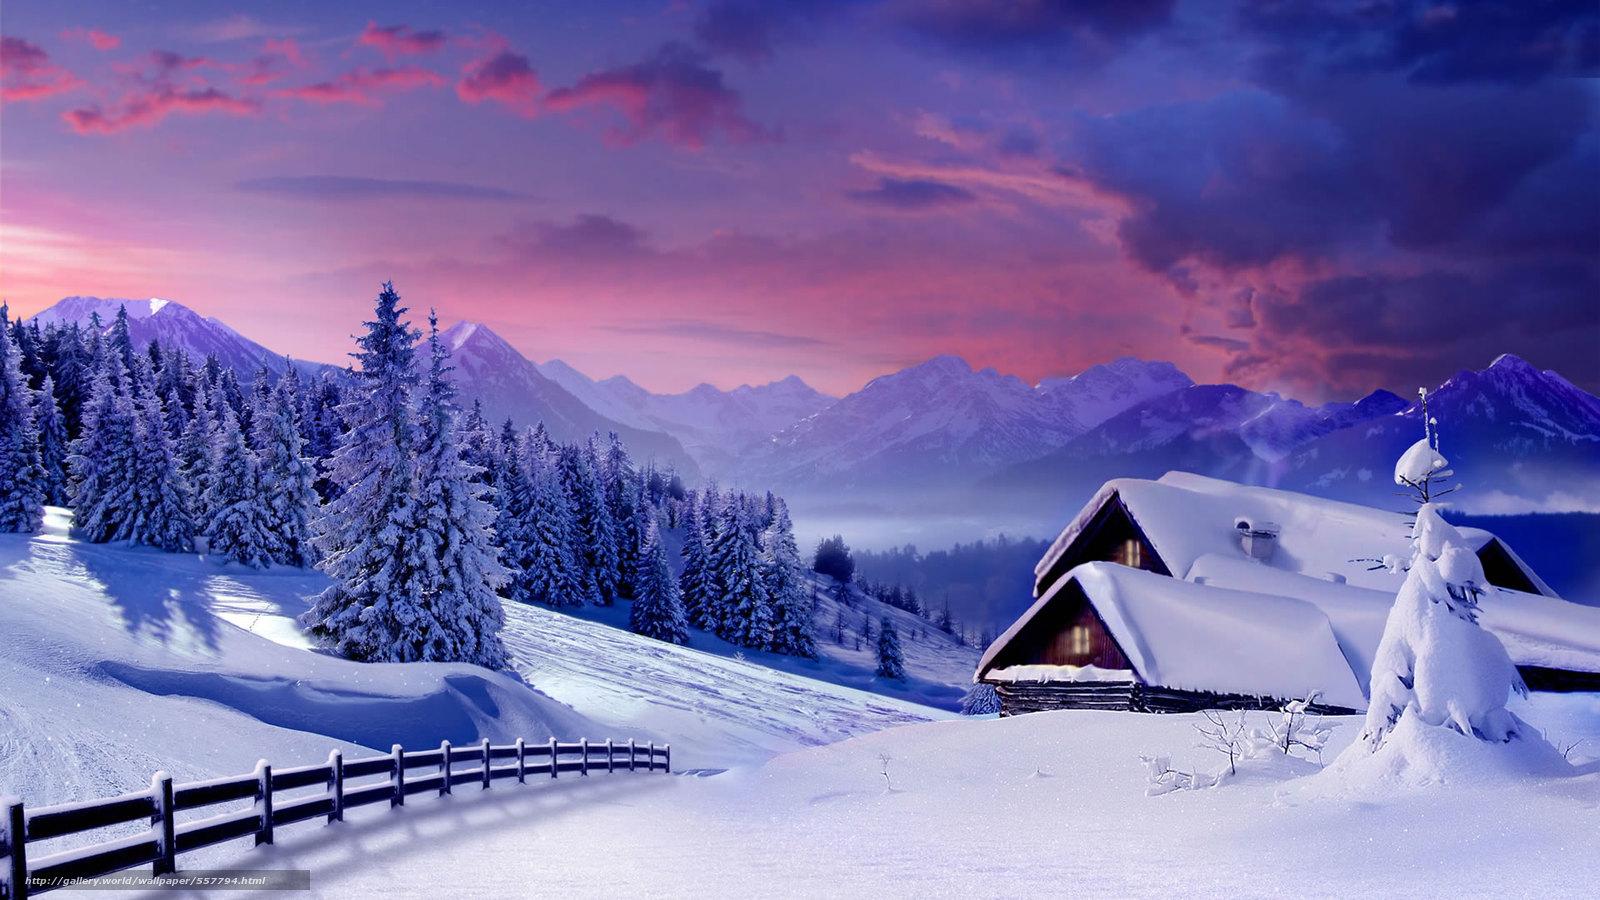 下载壁纸 冬天,  日落,  树,  家 免费为您的桌面分辨率的壁纸 1920x1080 — 图片 №557794